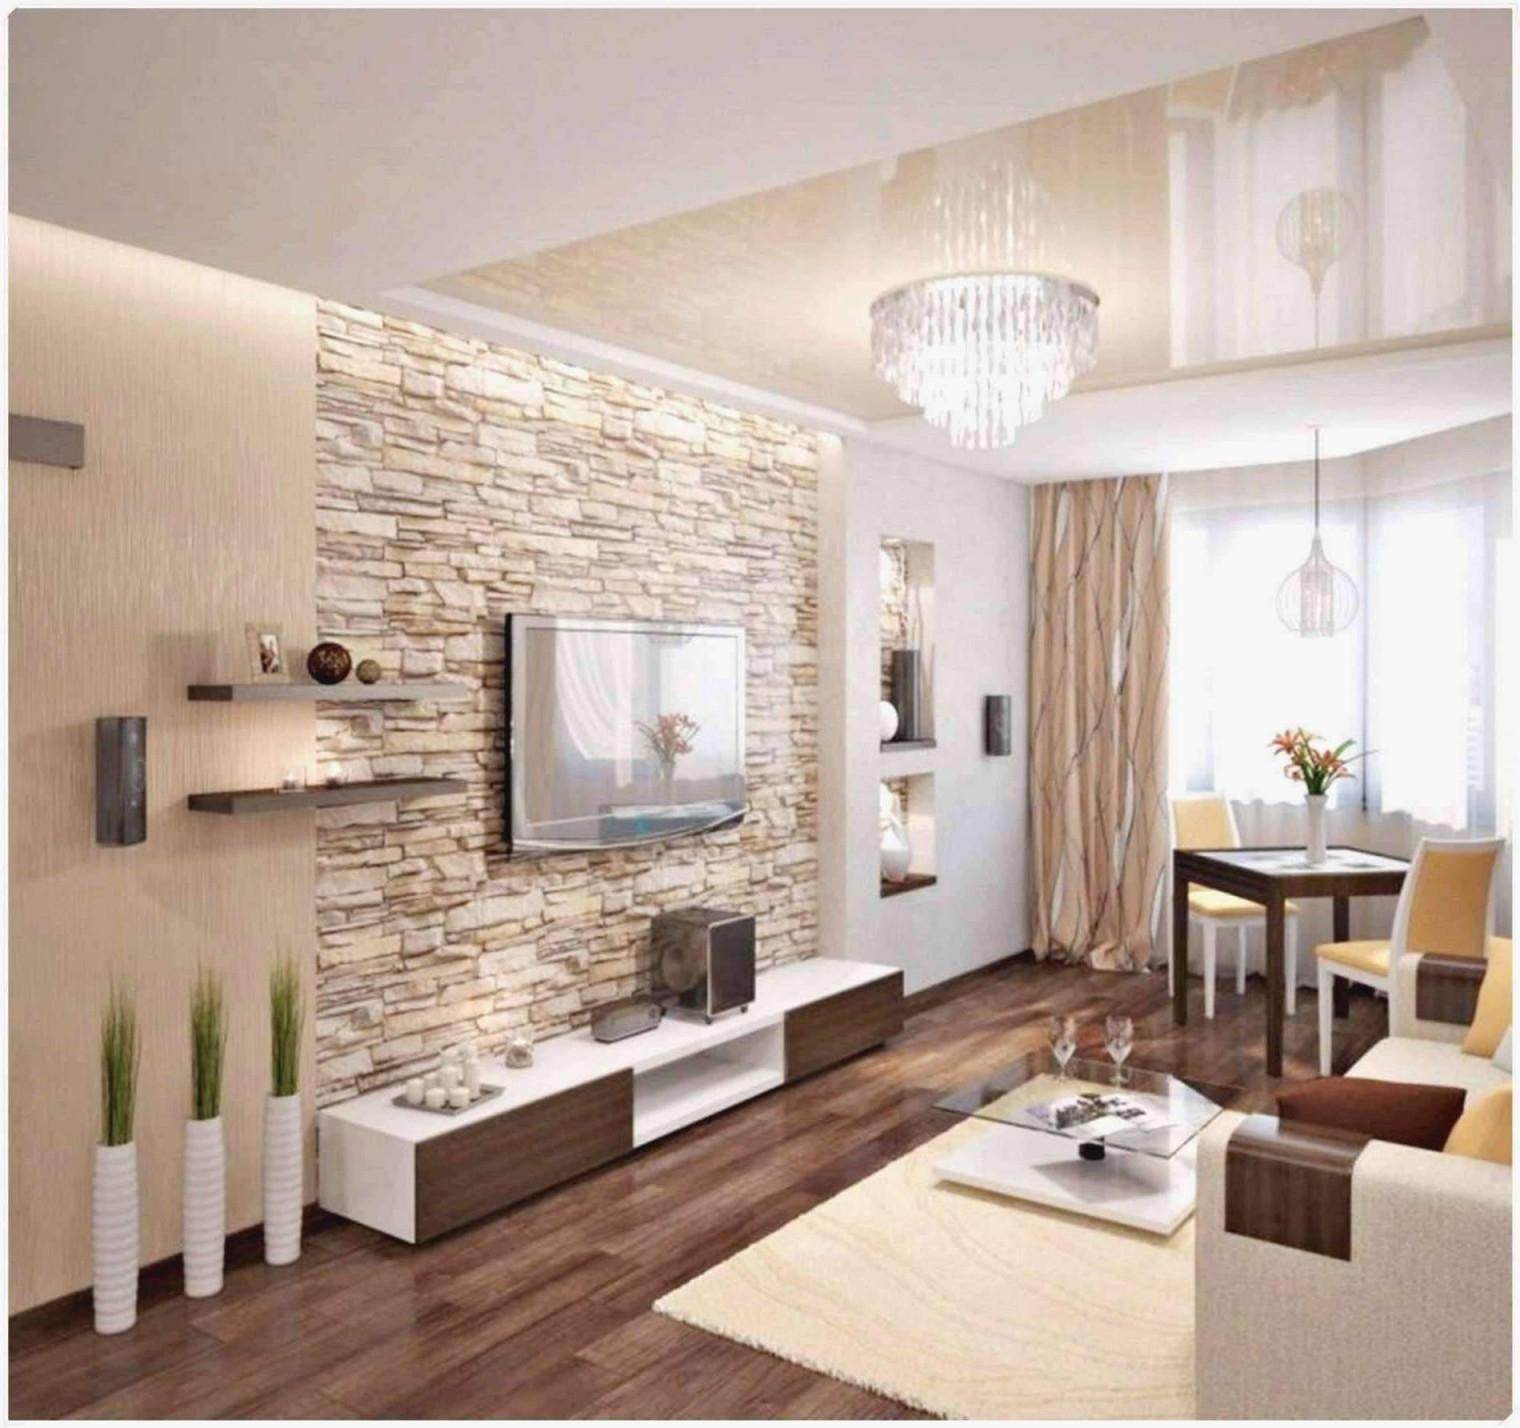 Stilvolle Deko Wohnzimmer Einzigartig 34 Schön Stilvolle von Stilvolle Deko Wohnzimmer Photo